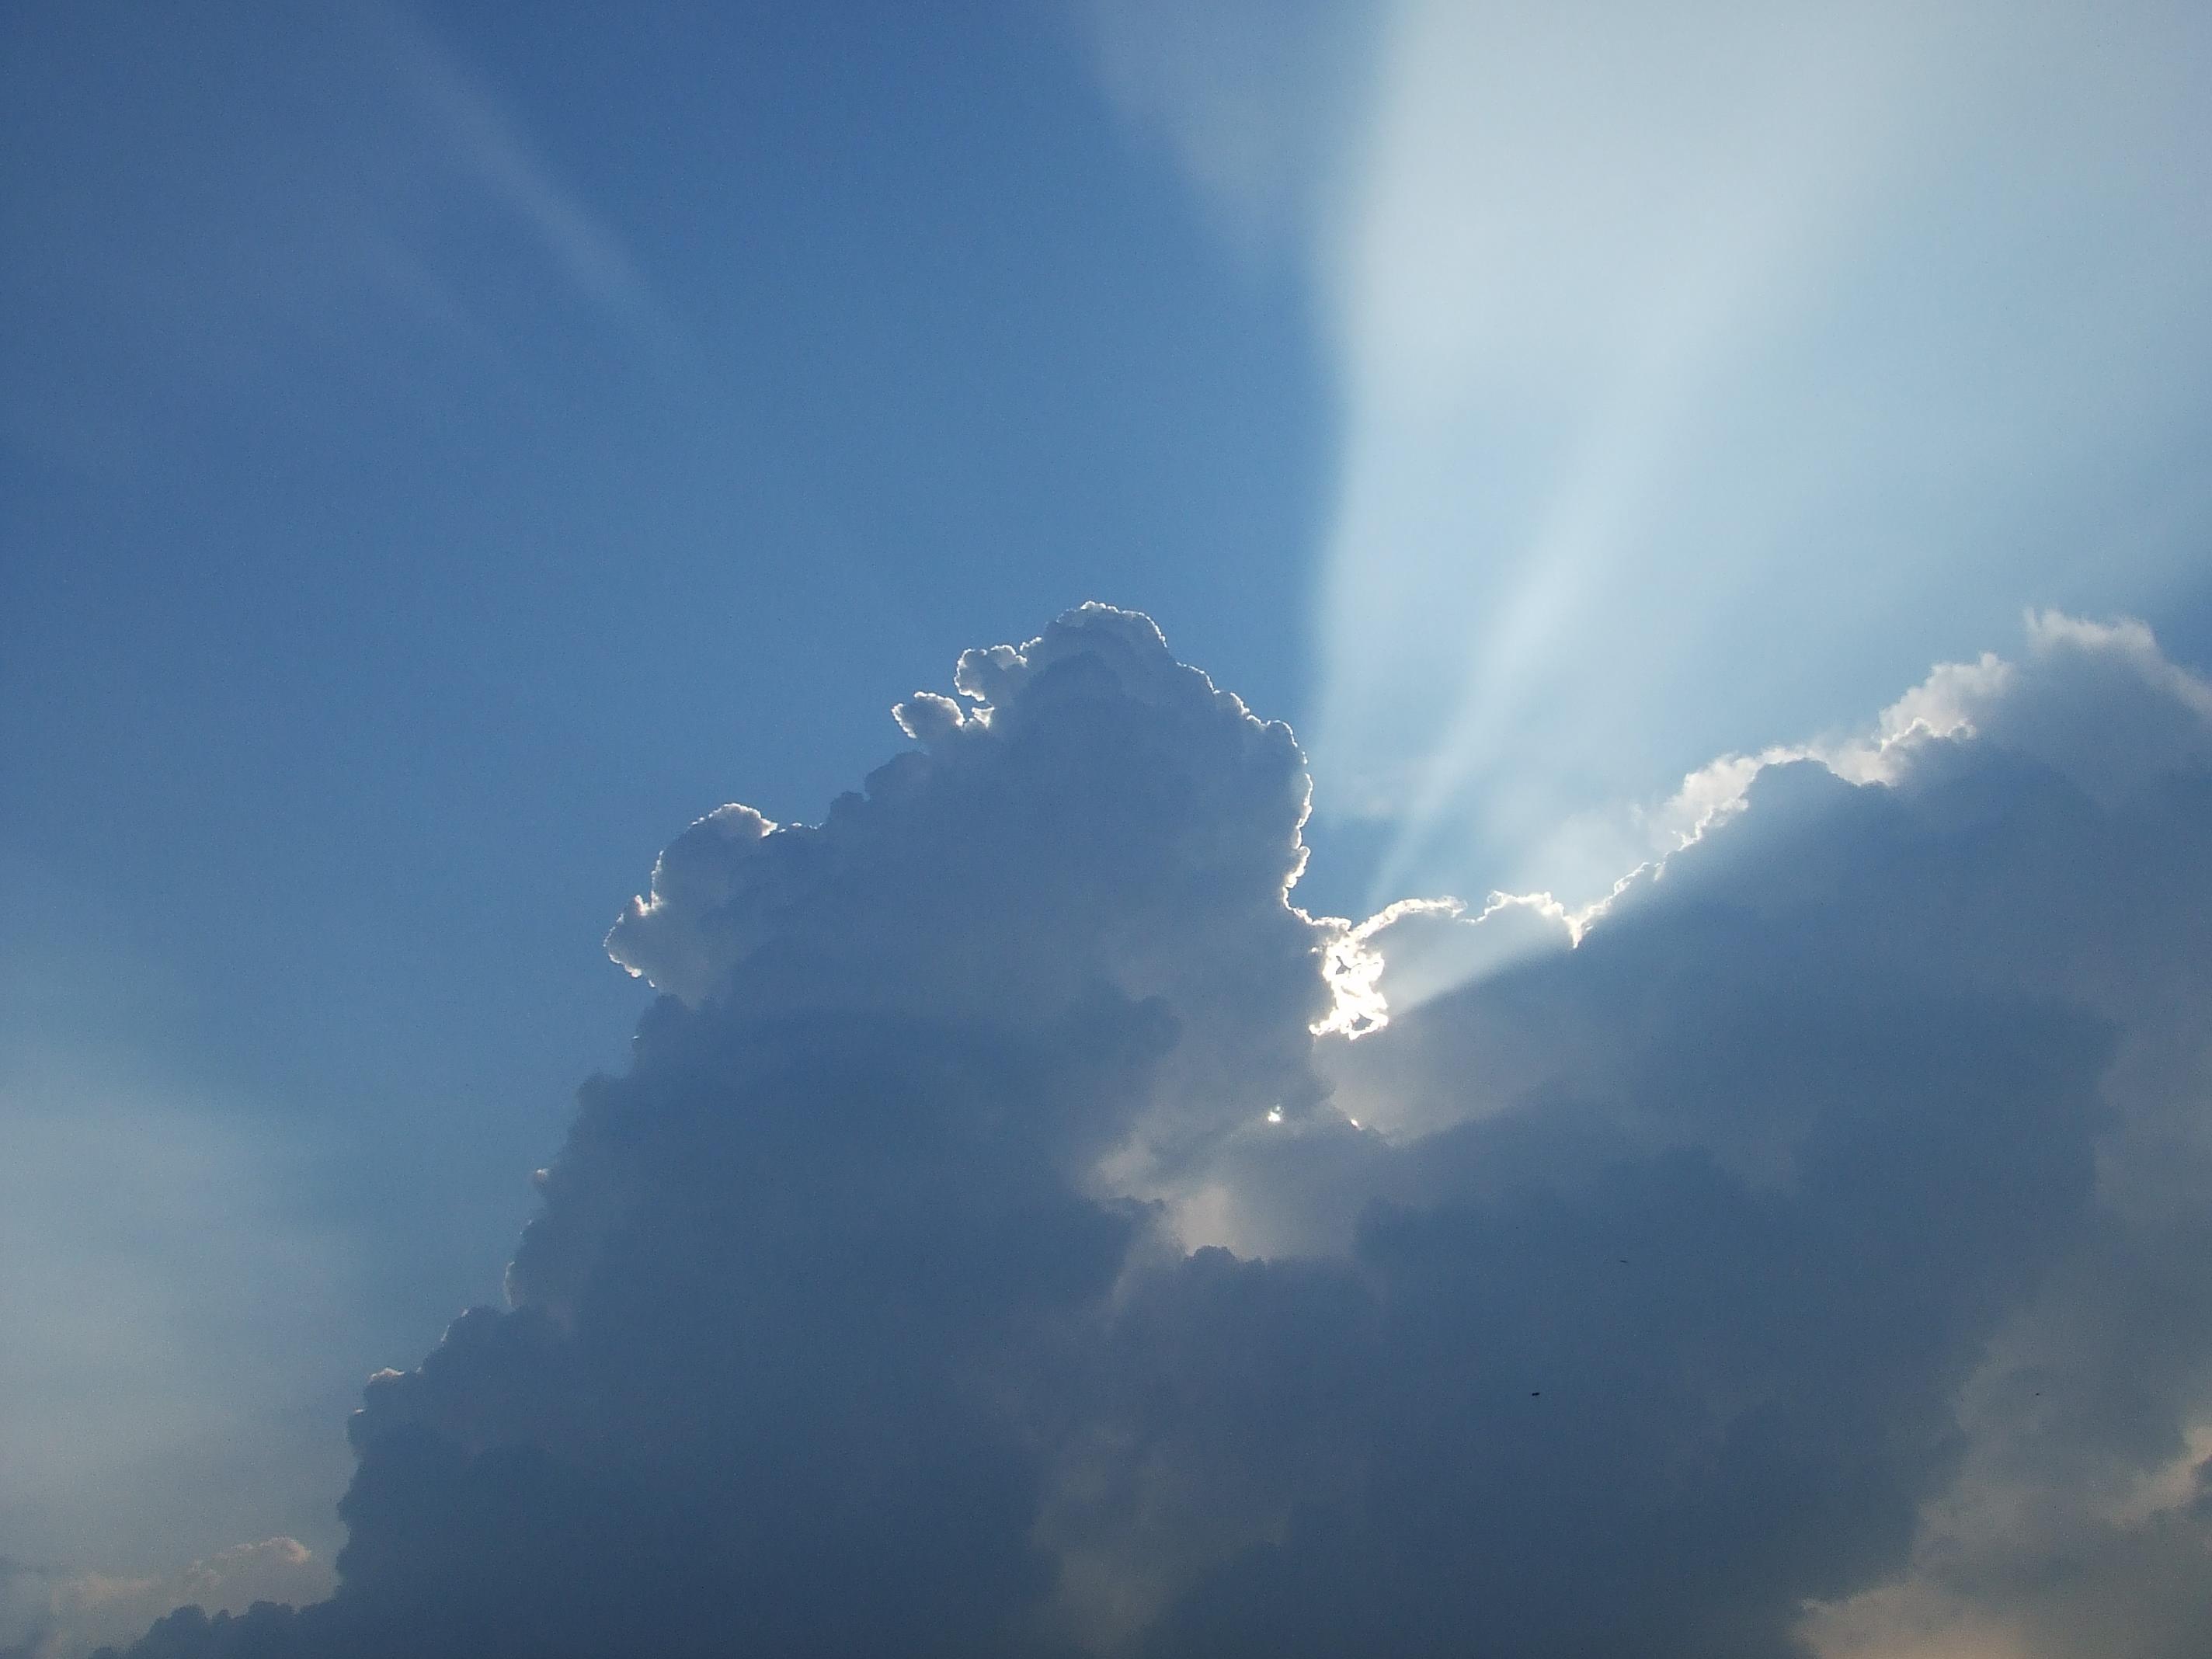 Regen En Zonneschijn : Na regen komt zonneschijn het kontakt fotowedstrijden